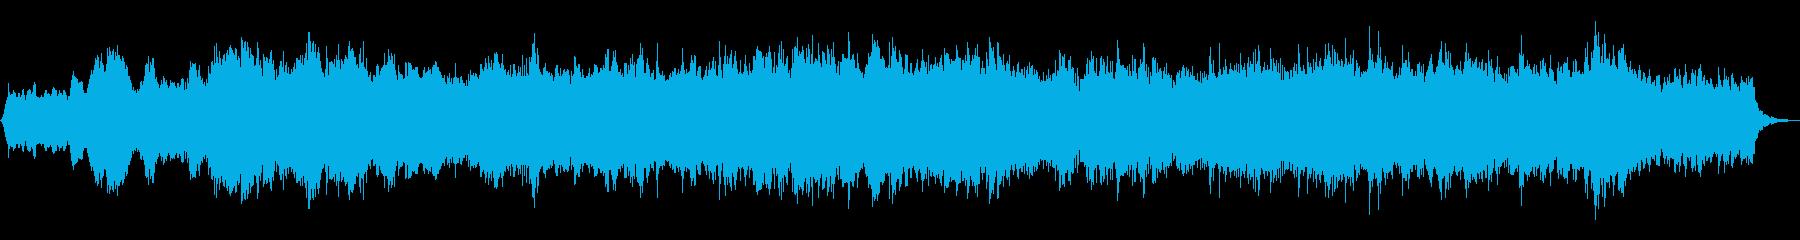 悲壮感漂うストリングスの小曲の再生済みの波形